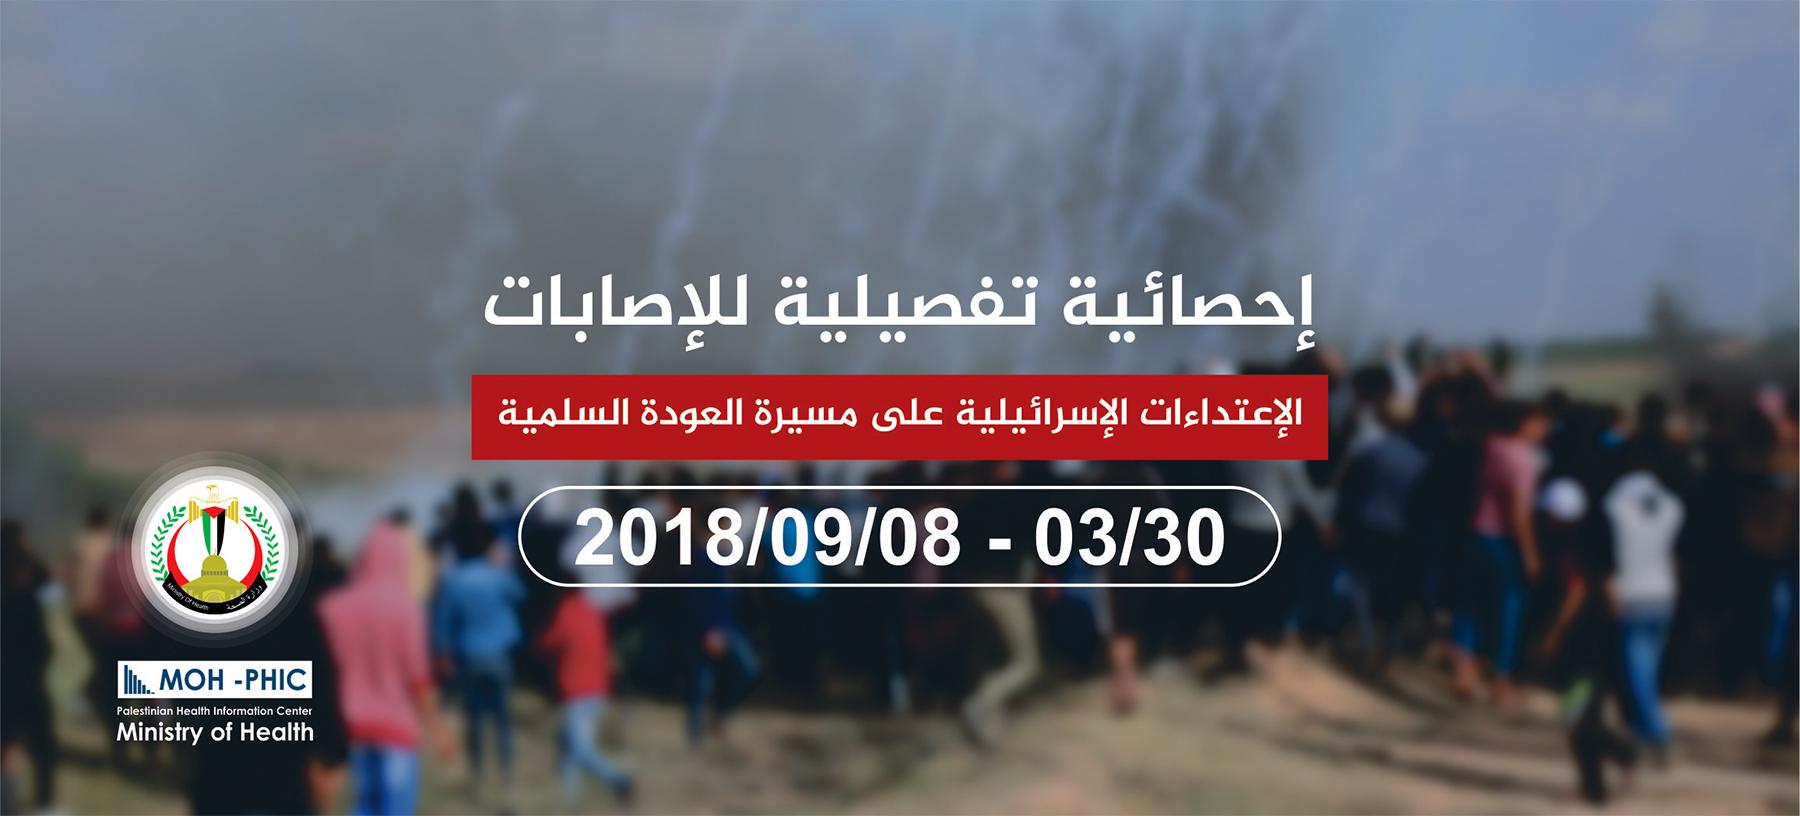 احصائية تفصيلية للاعتداءات الإسرائيلية على مسيرة العودة السلمية  30/03- 08/09/2018